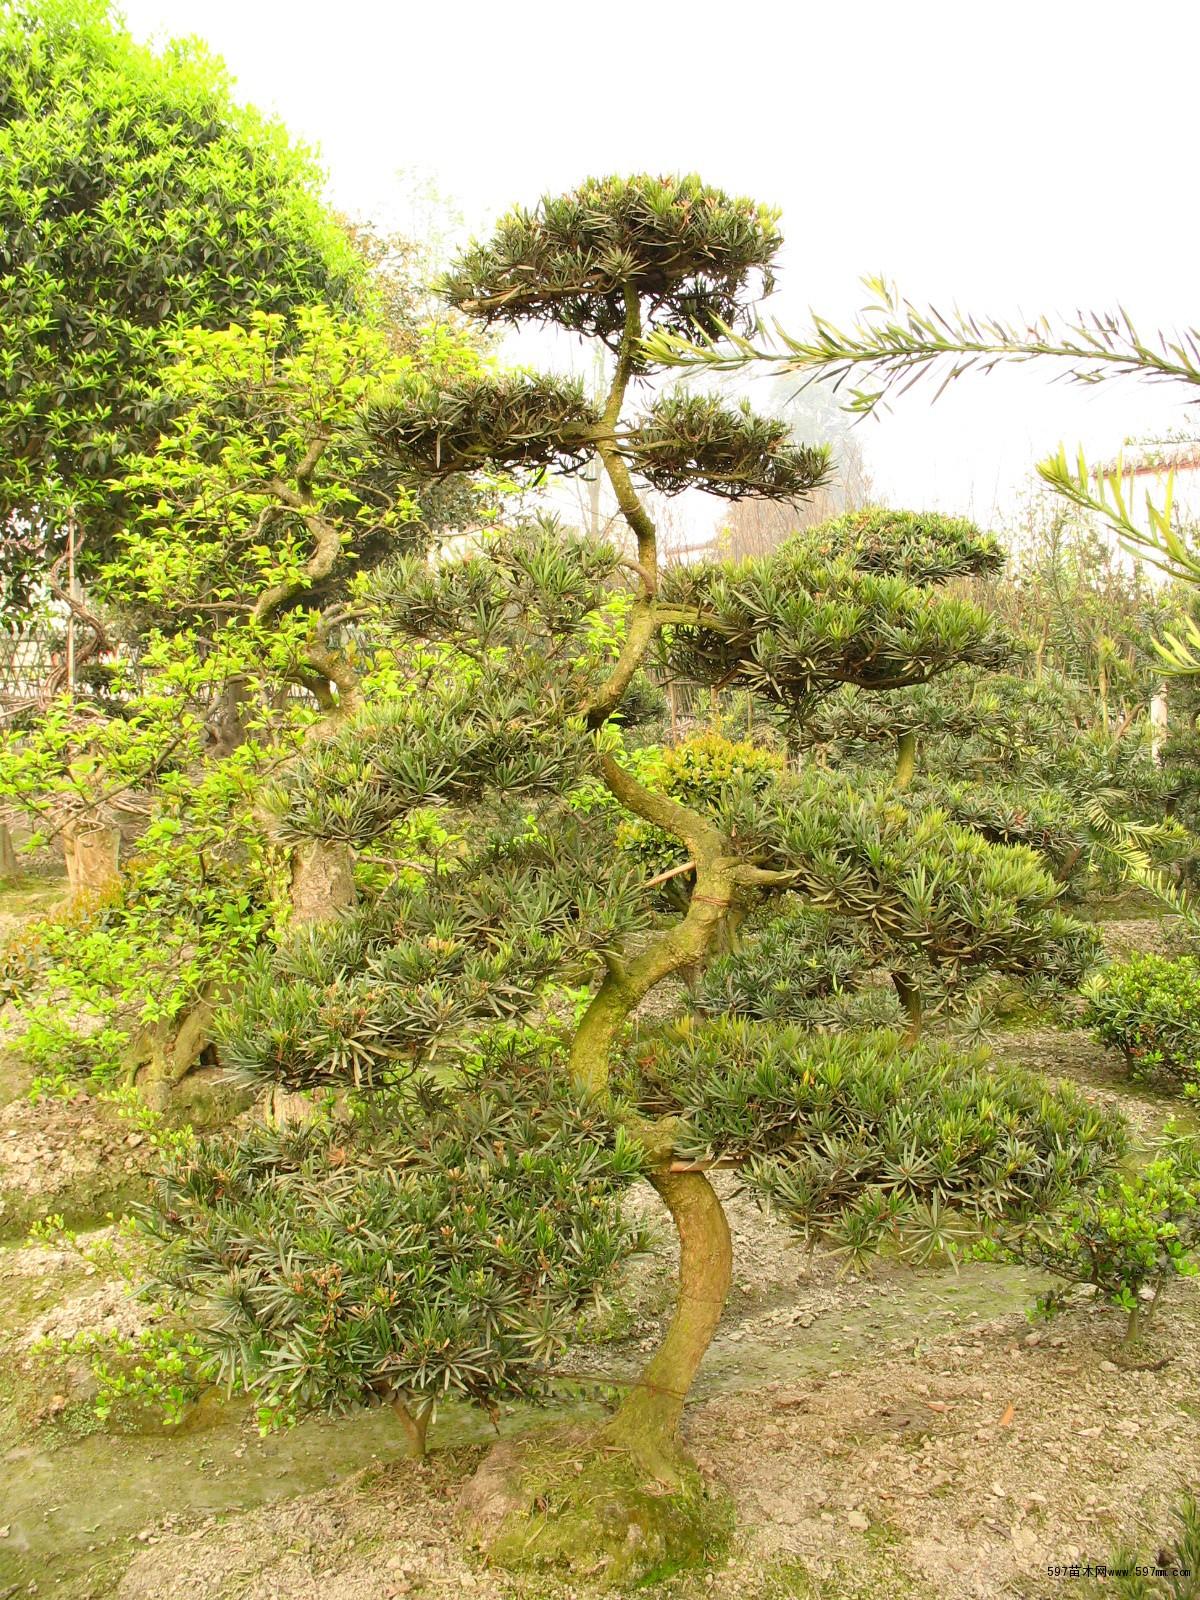 597苗木网 供应信息 花卉盆景